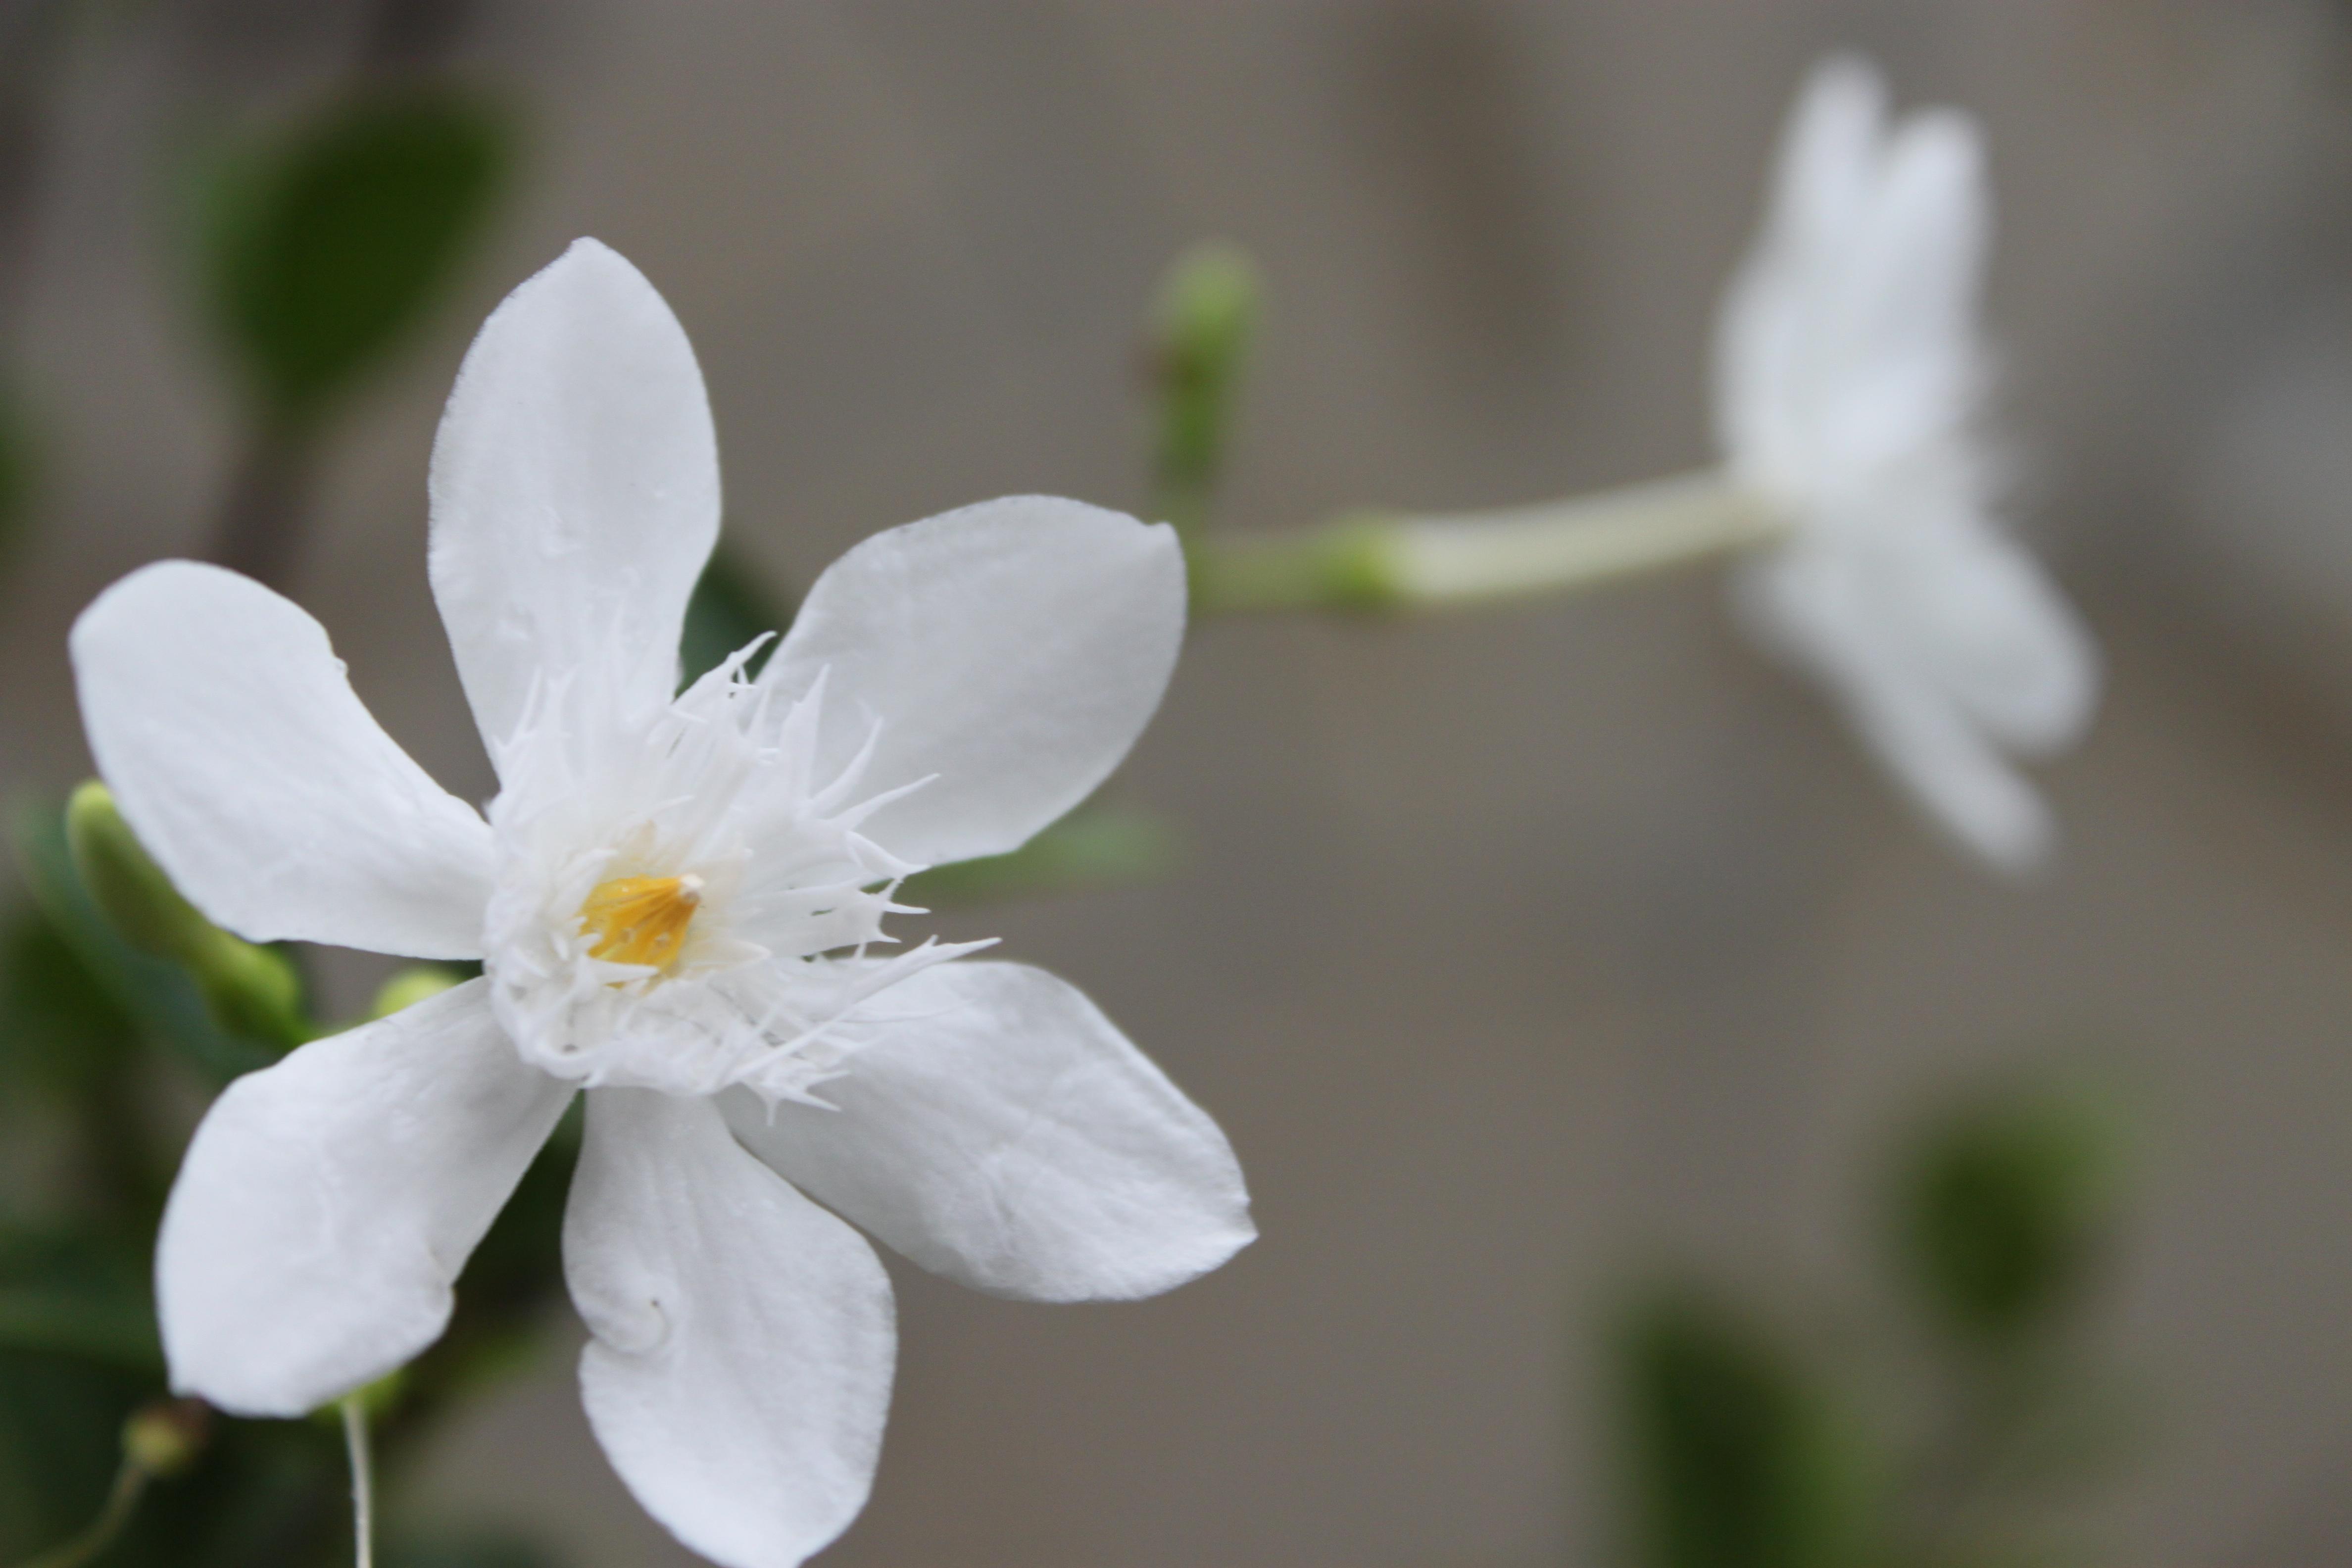 Jasmine flower 2 by tangerinemilk on DeviantArt